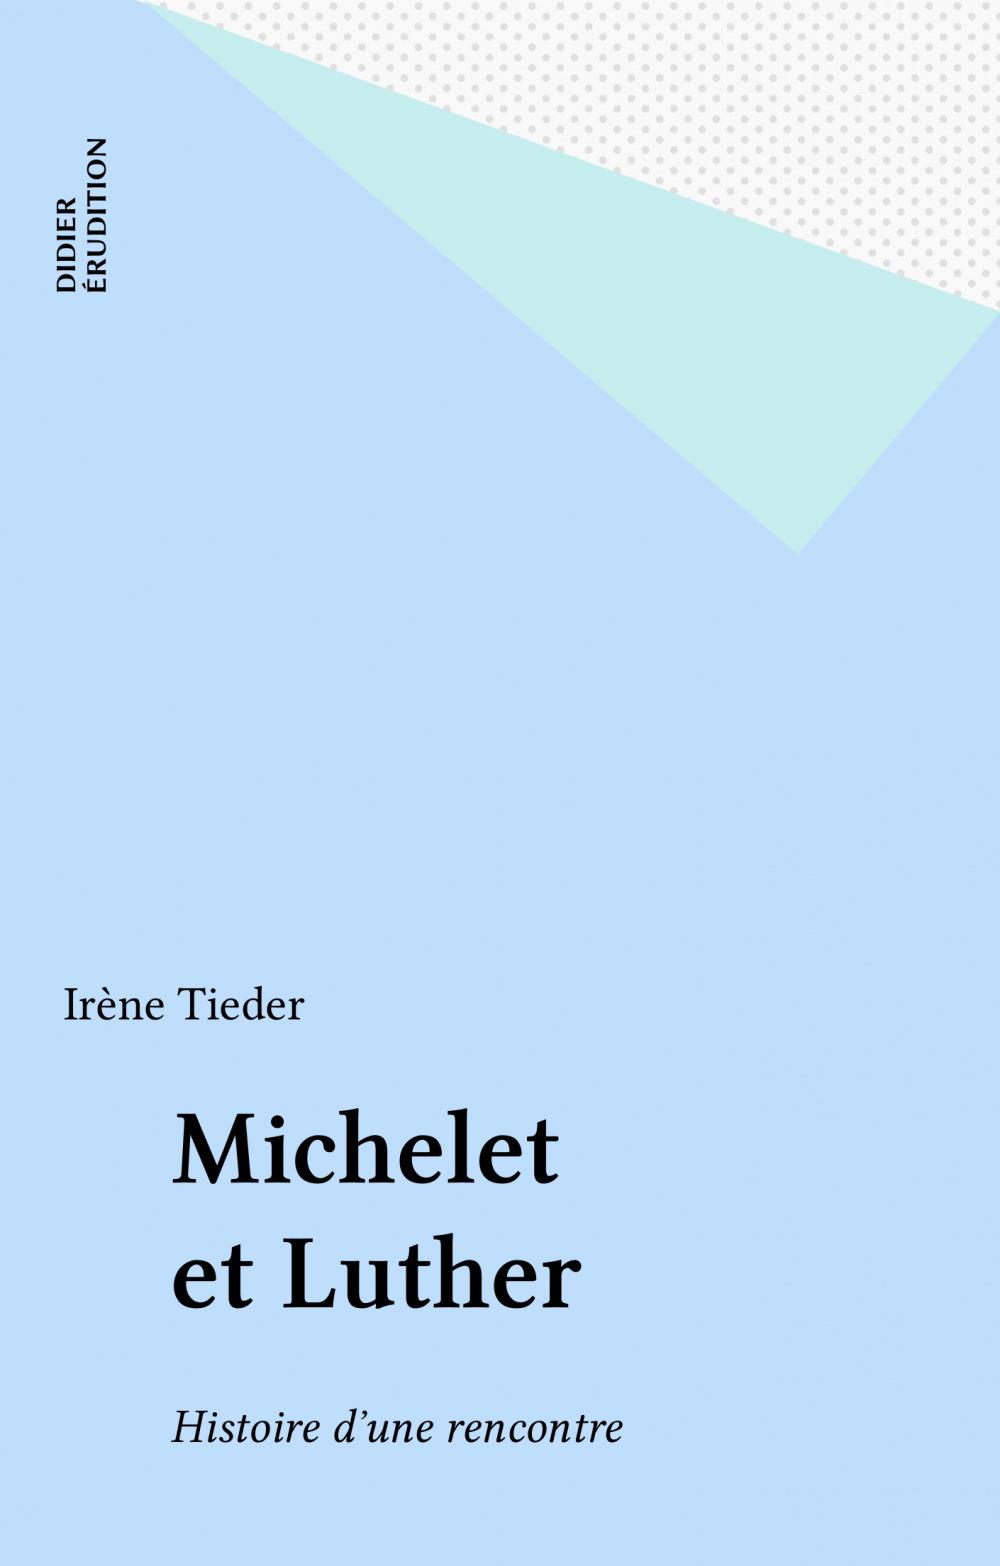 Michelet et luther : histoire d'une rencontre